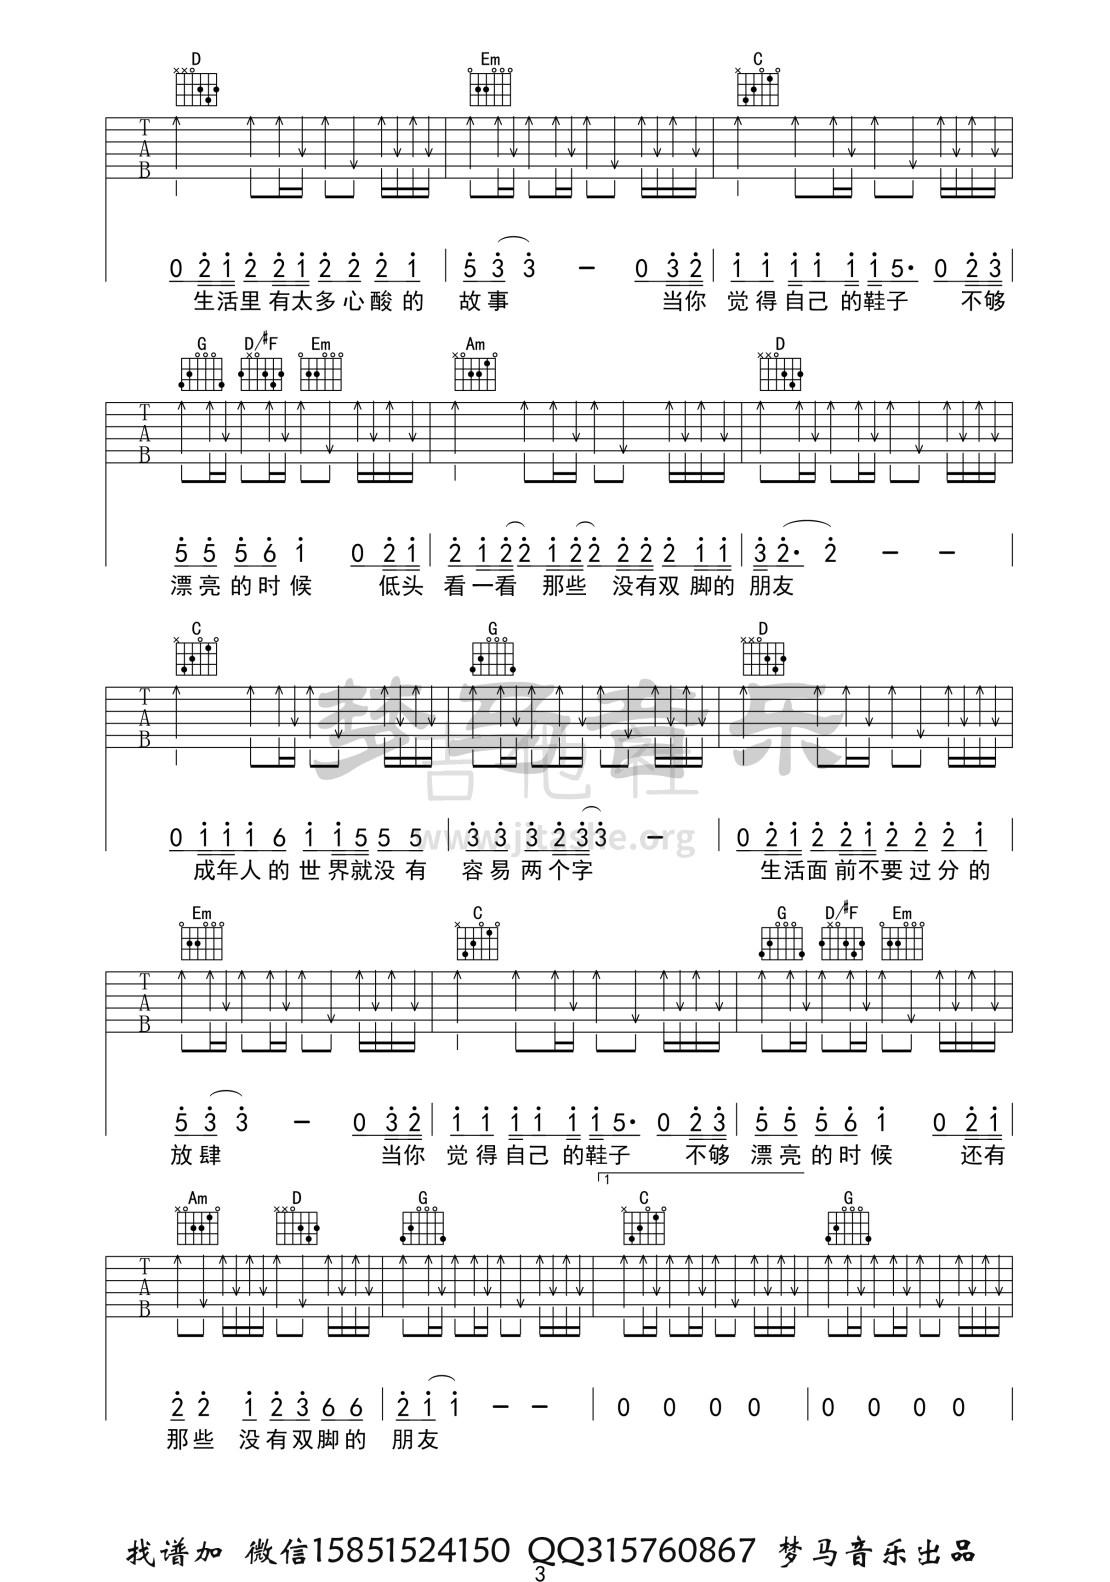 成年人的世界吉他谱(图片谱,弹唱)_张闯_成年人的世界-3.jpg